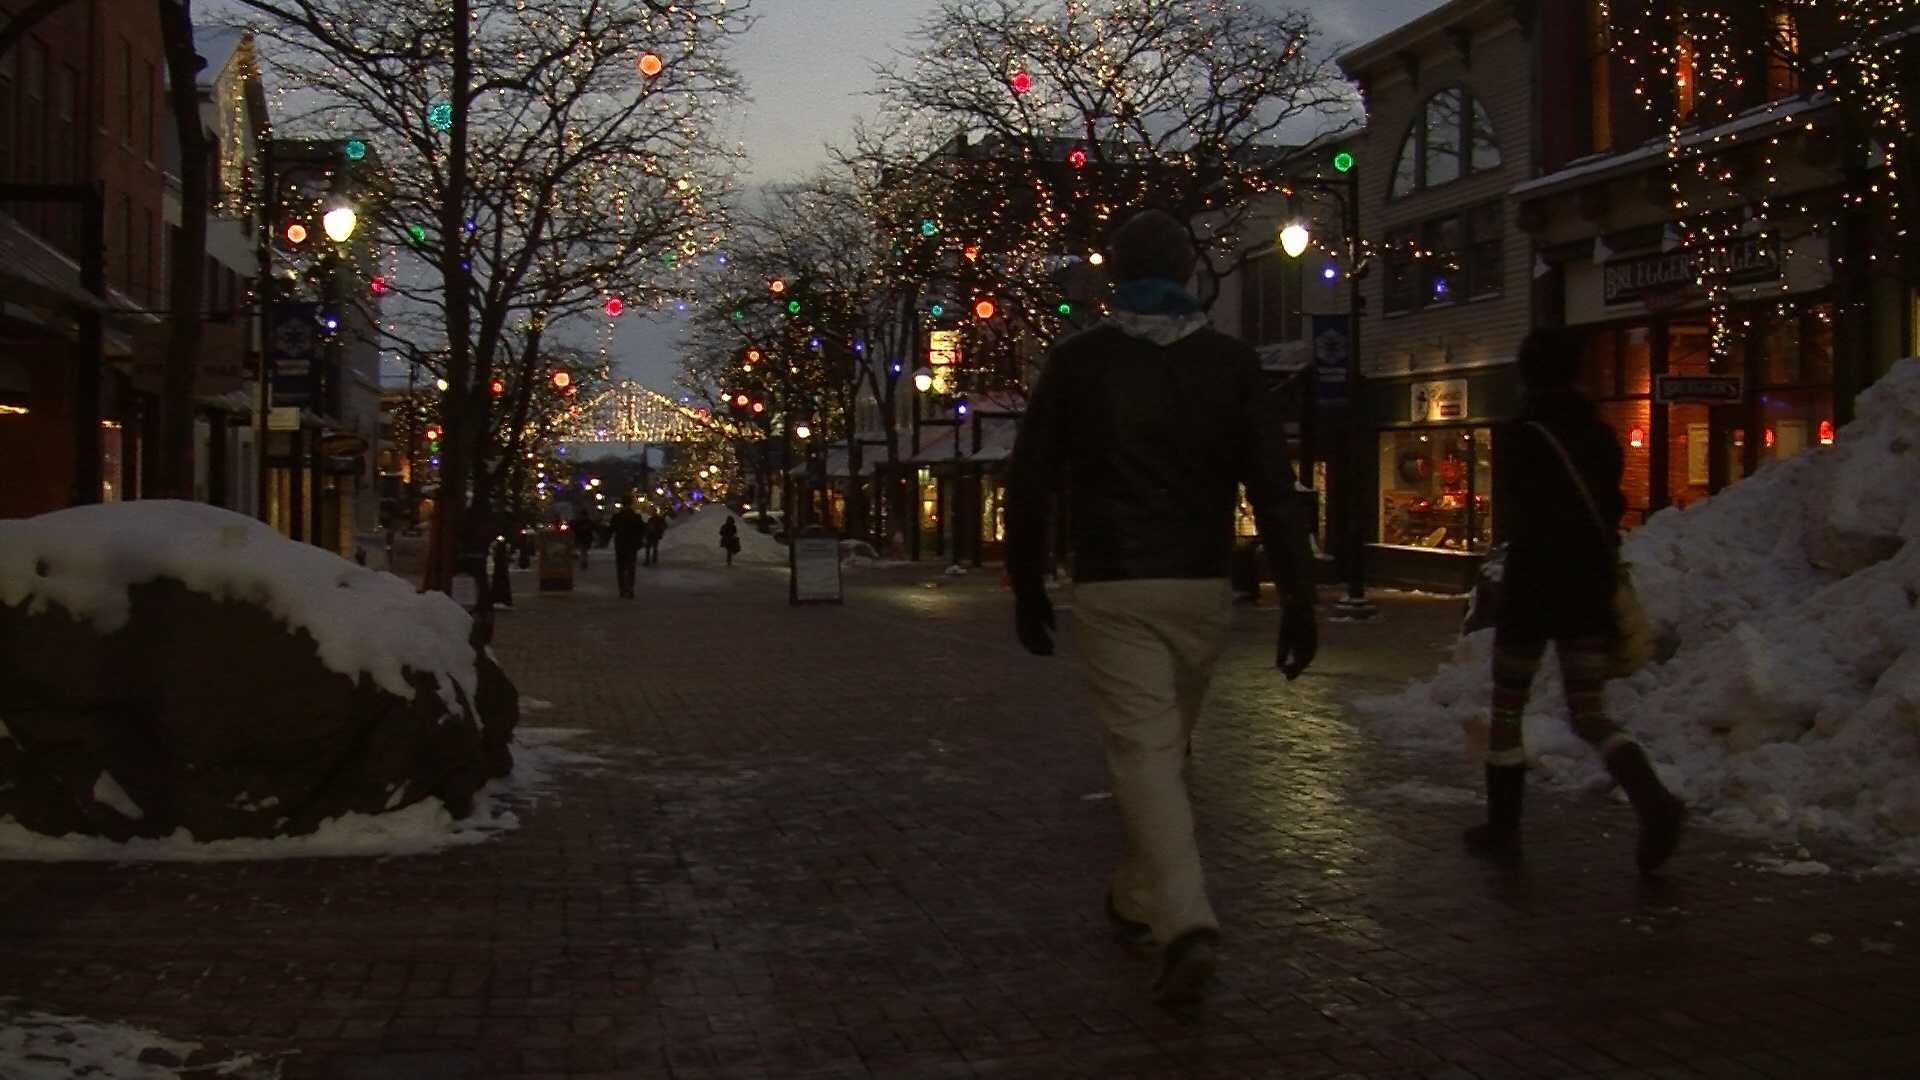 Burlington packs weekend with winter activities